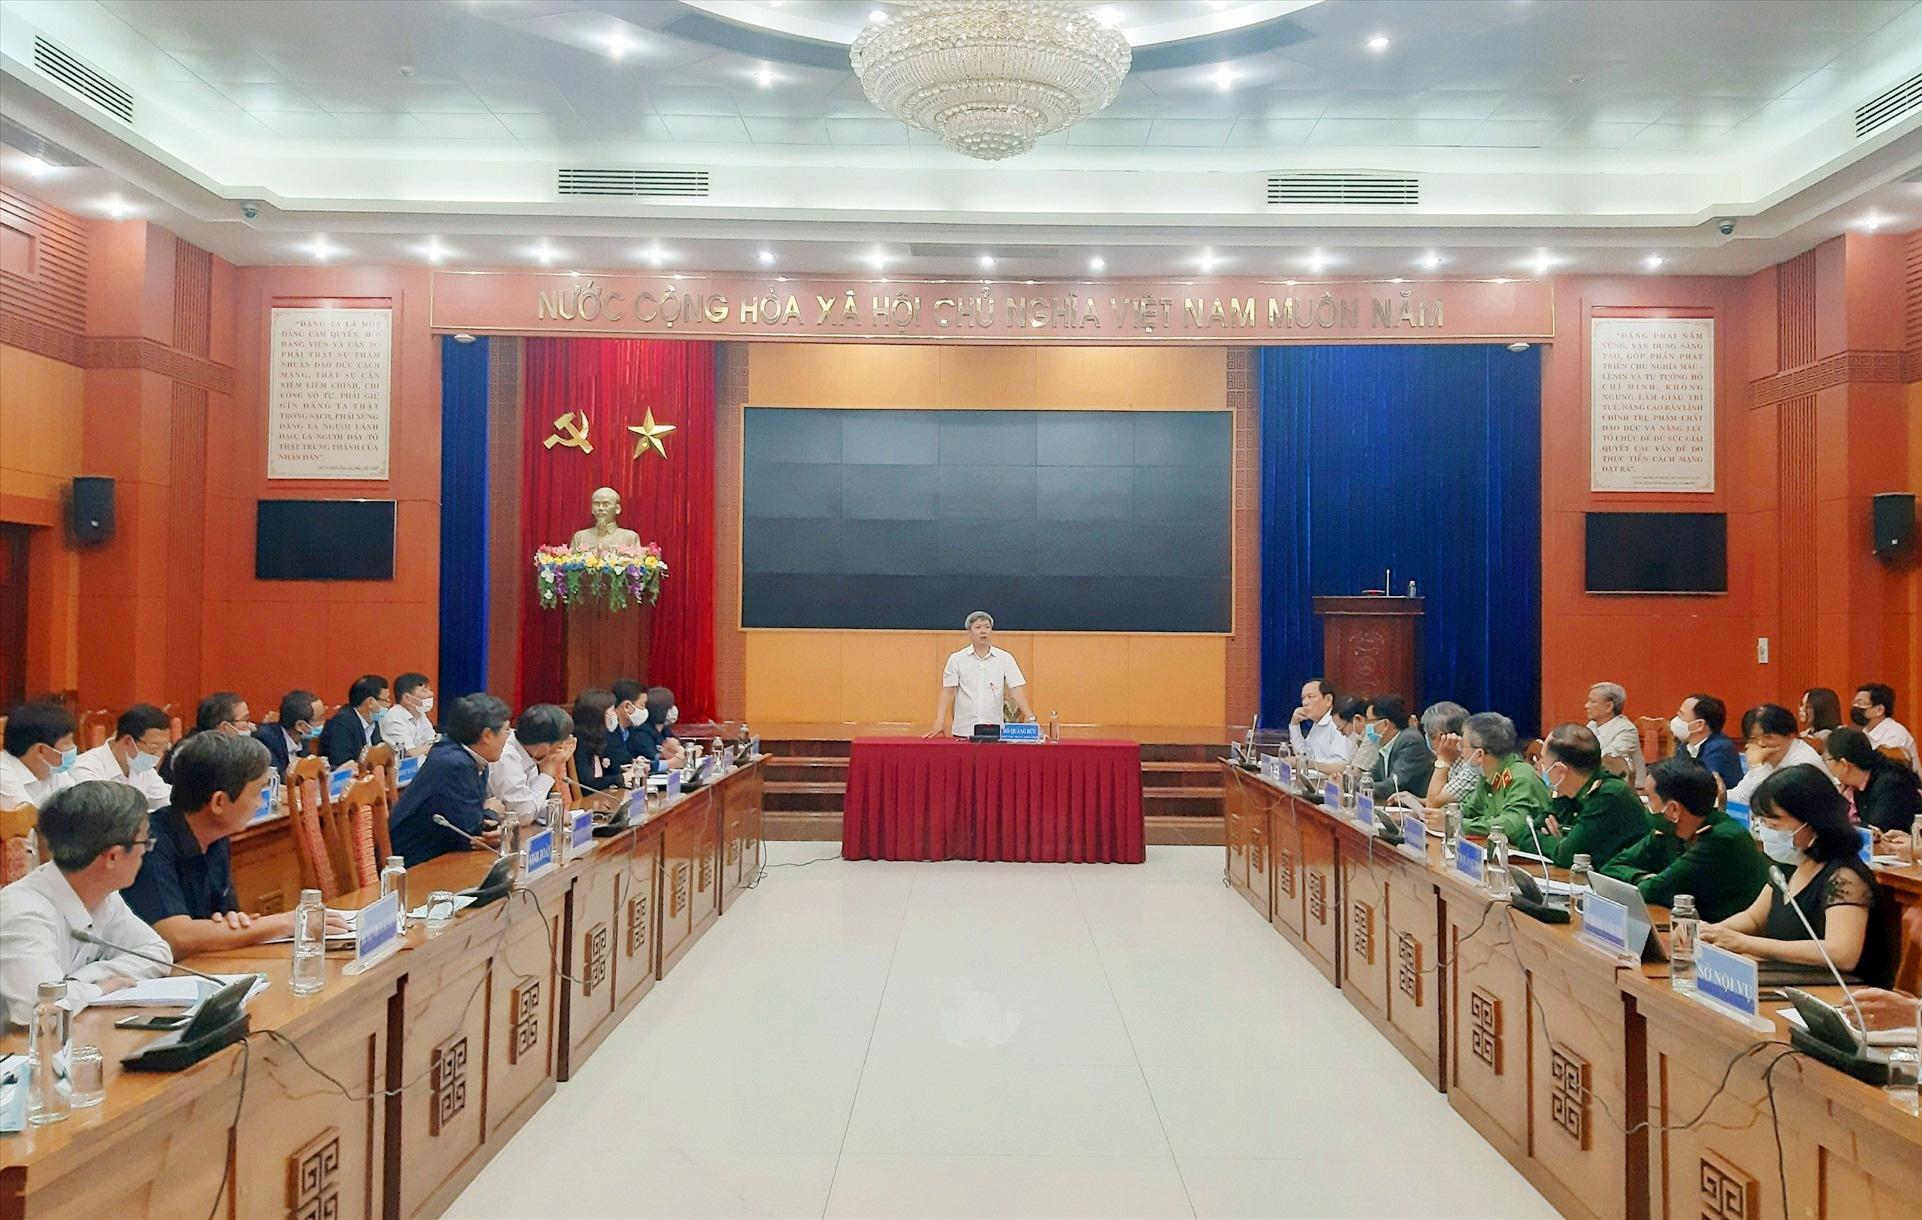 Quảng Nam đề nghị Trung ương công nhận huyện Duy Xuyên đạt chuẩn nông thôn mới - Ảnh 1.